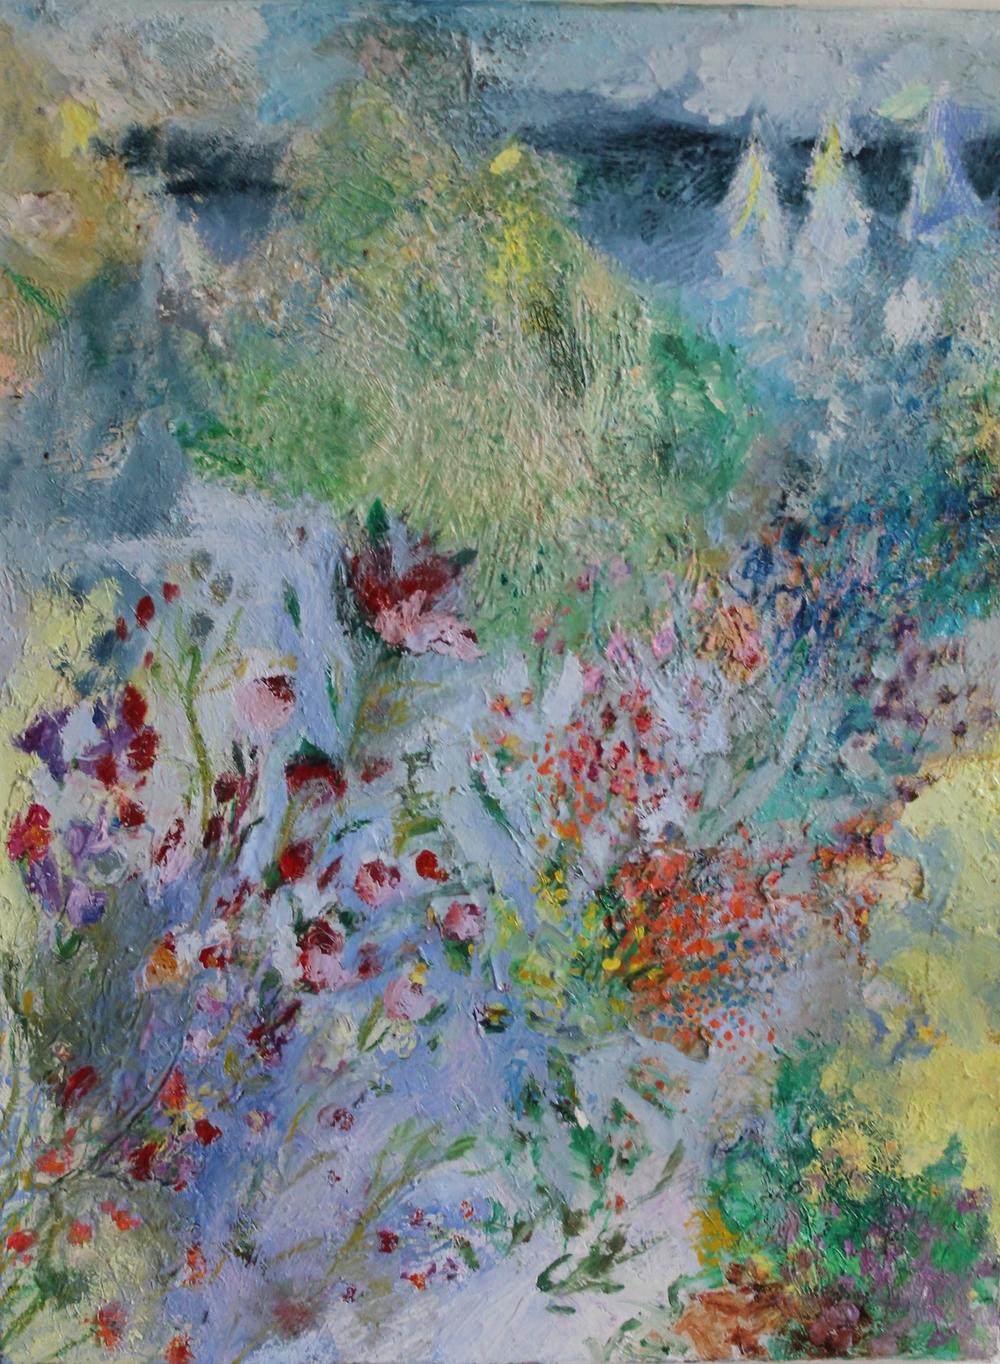 Nanna Jalkanen, Flora, oil on canvas,öljy kankaalle 80,5x60,5 hinta 2100 euroa.jpg